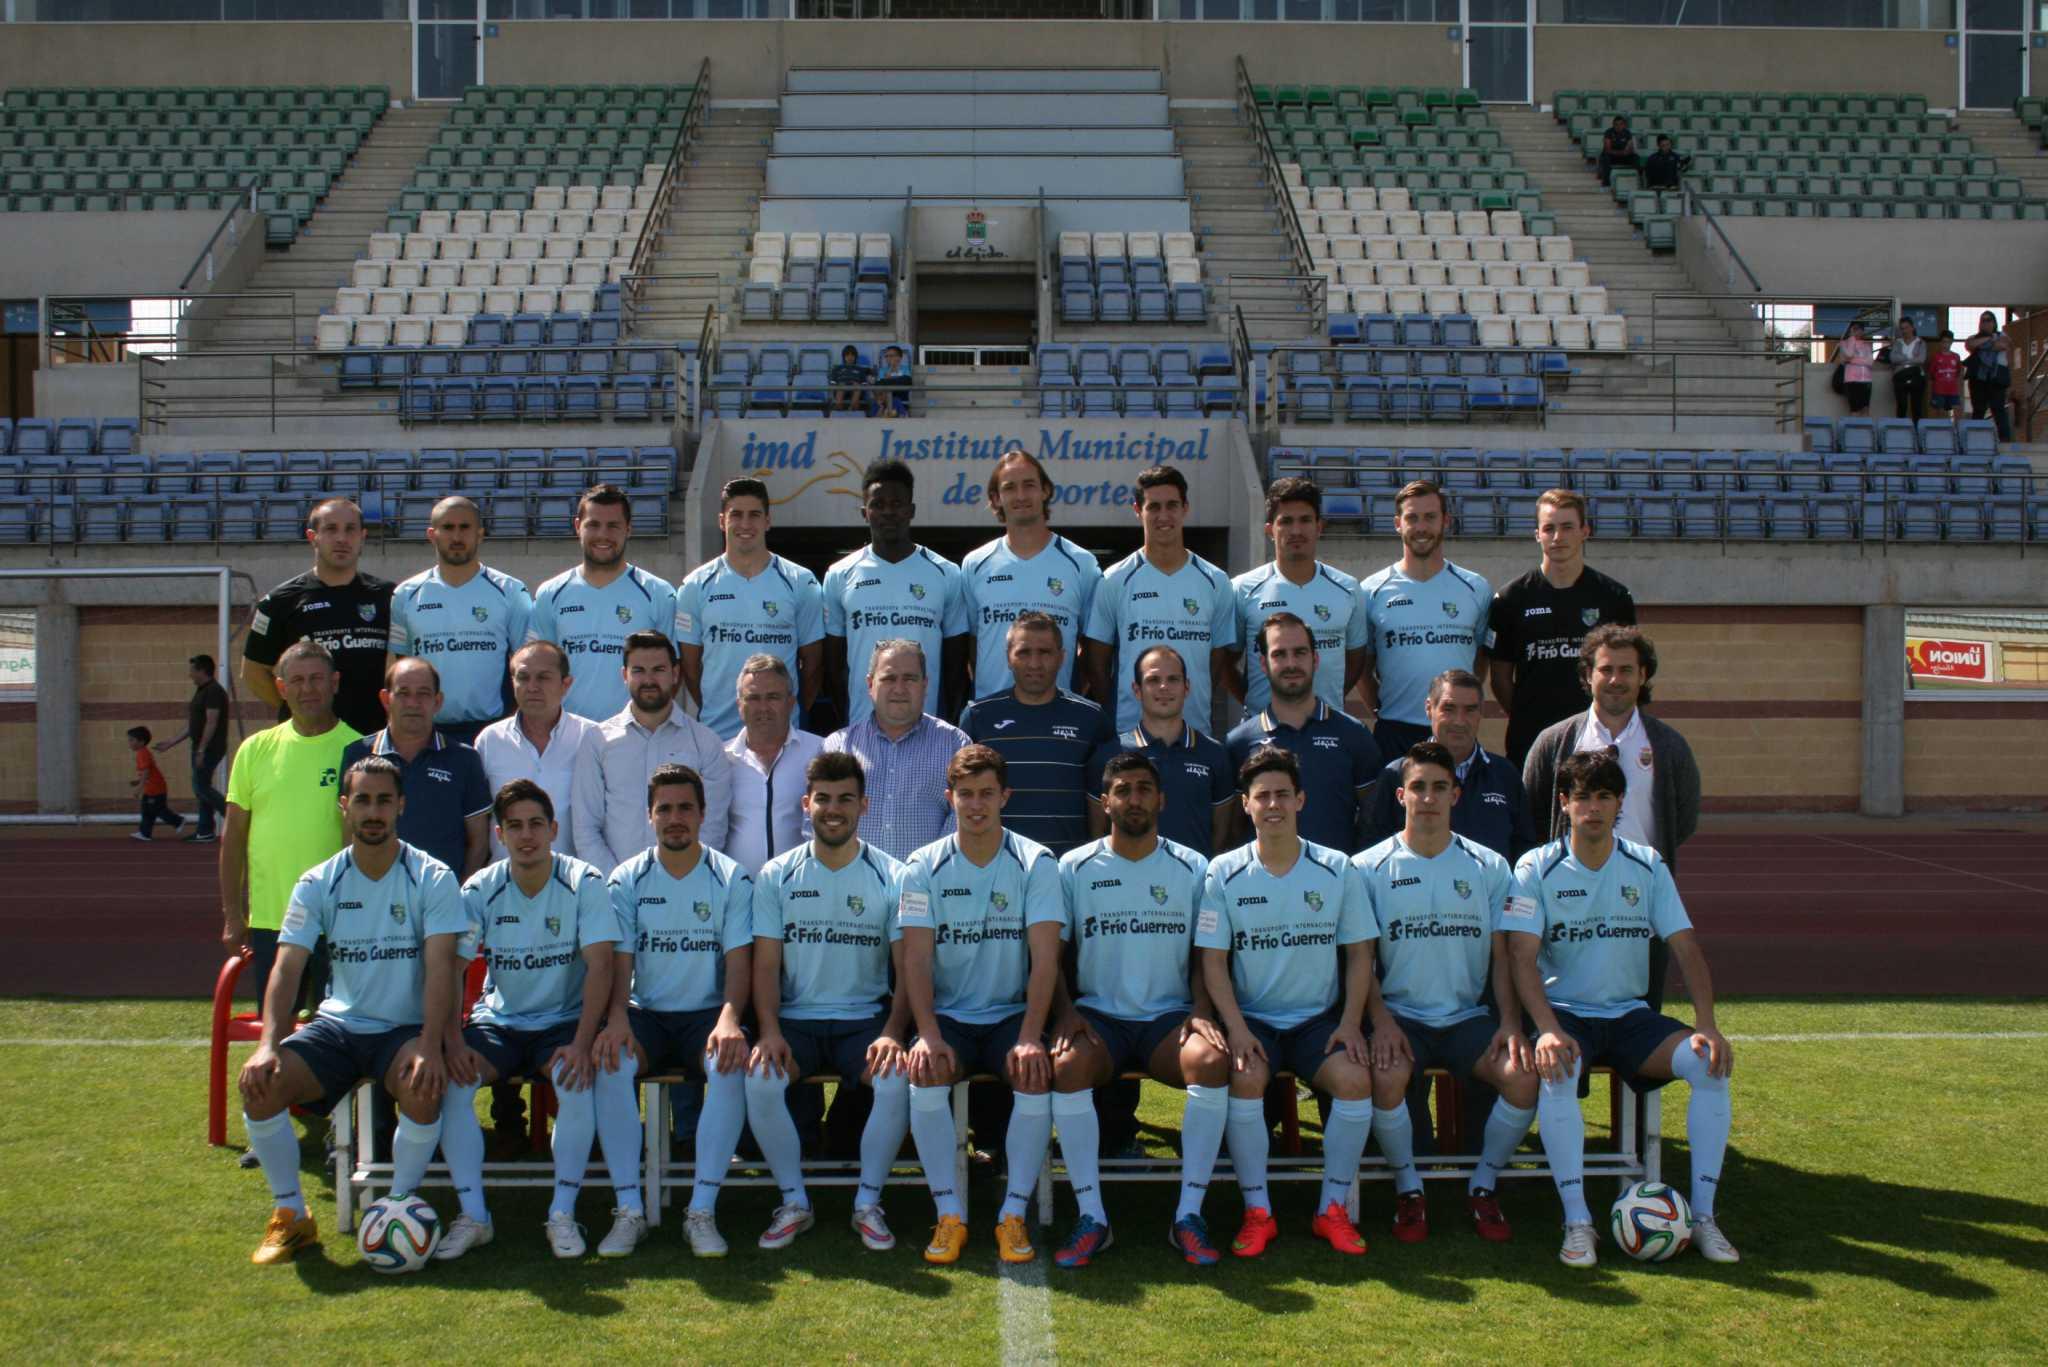 Bienvenidos a la web oficial del Club Deportivo El Ejido